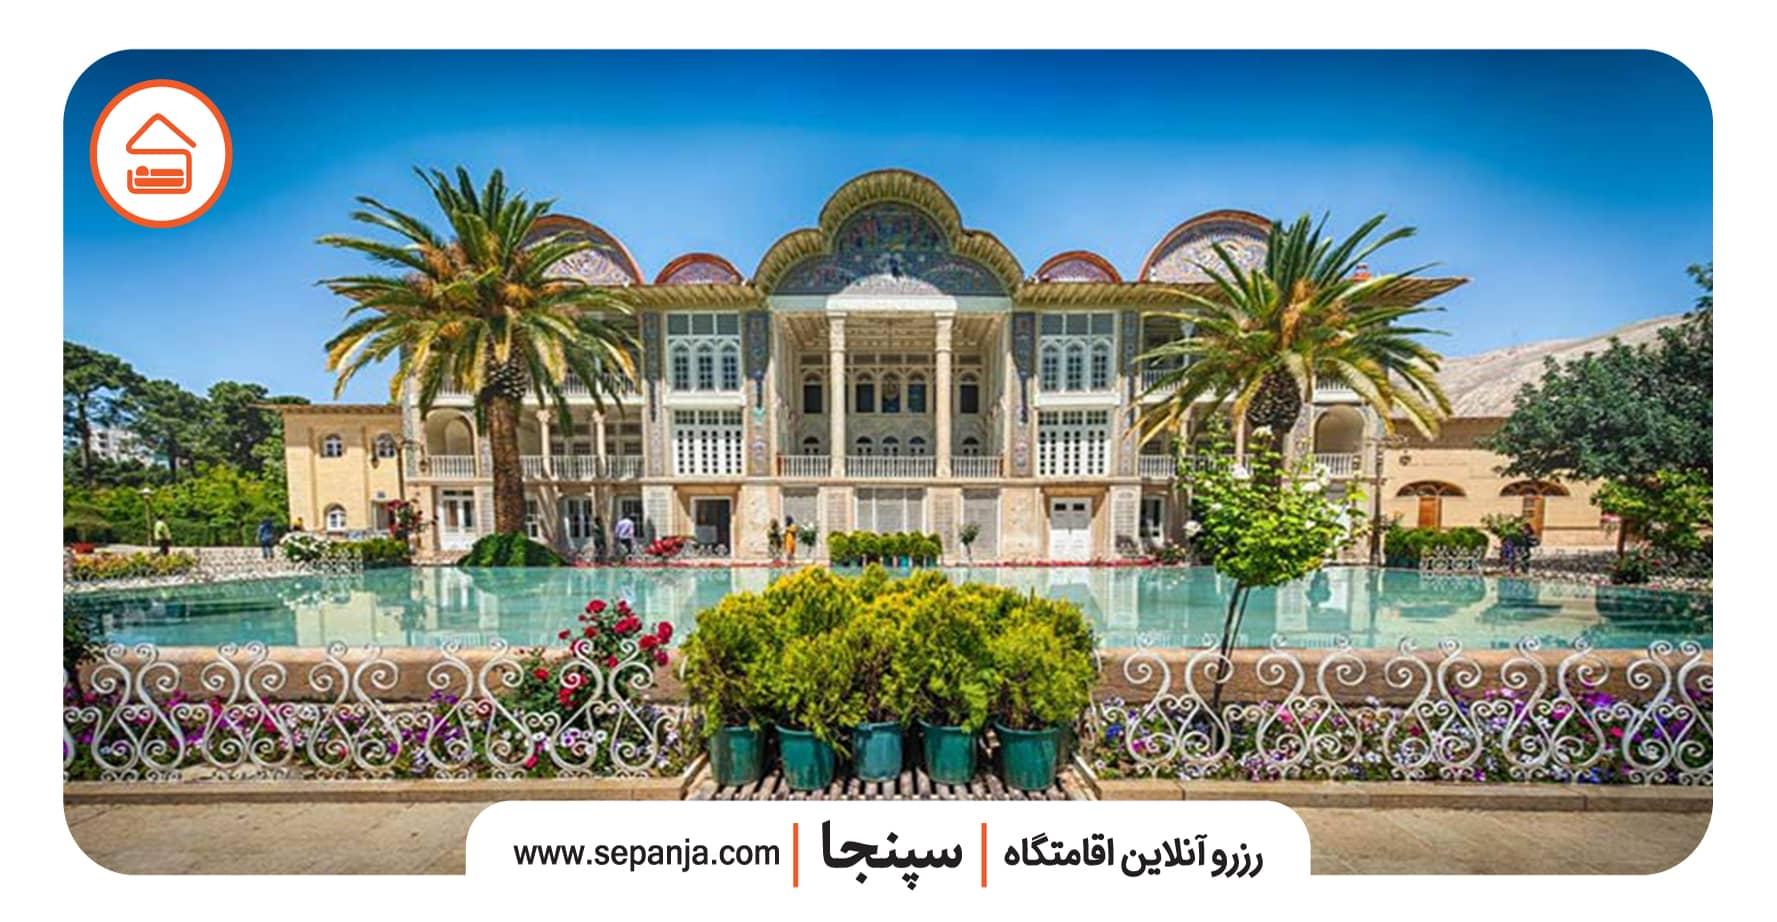 باغ ارم از بهترین جاهای دیدنی شیراز